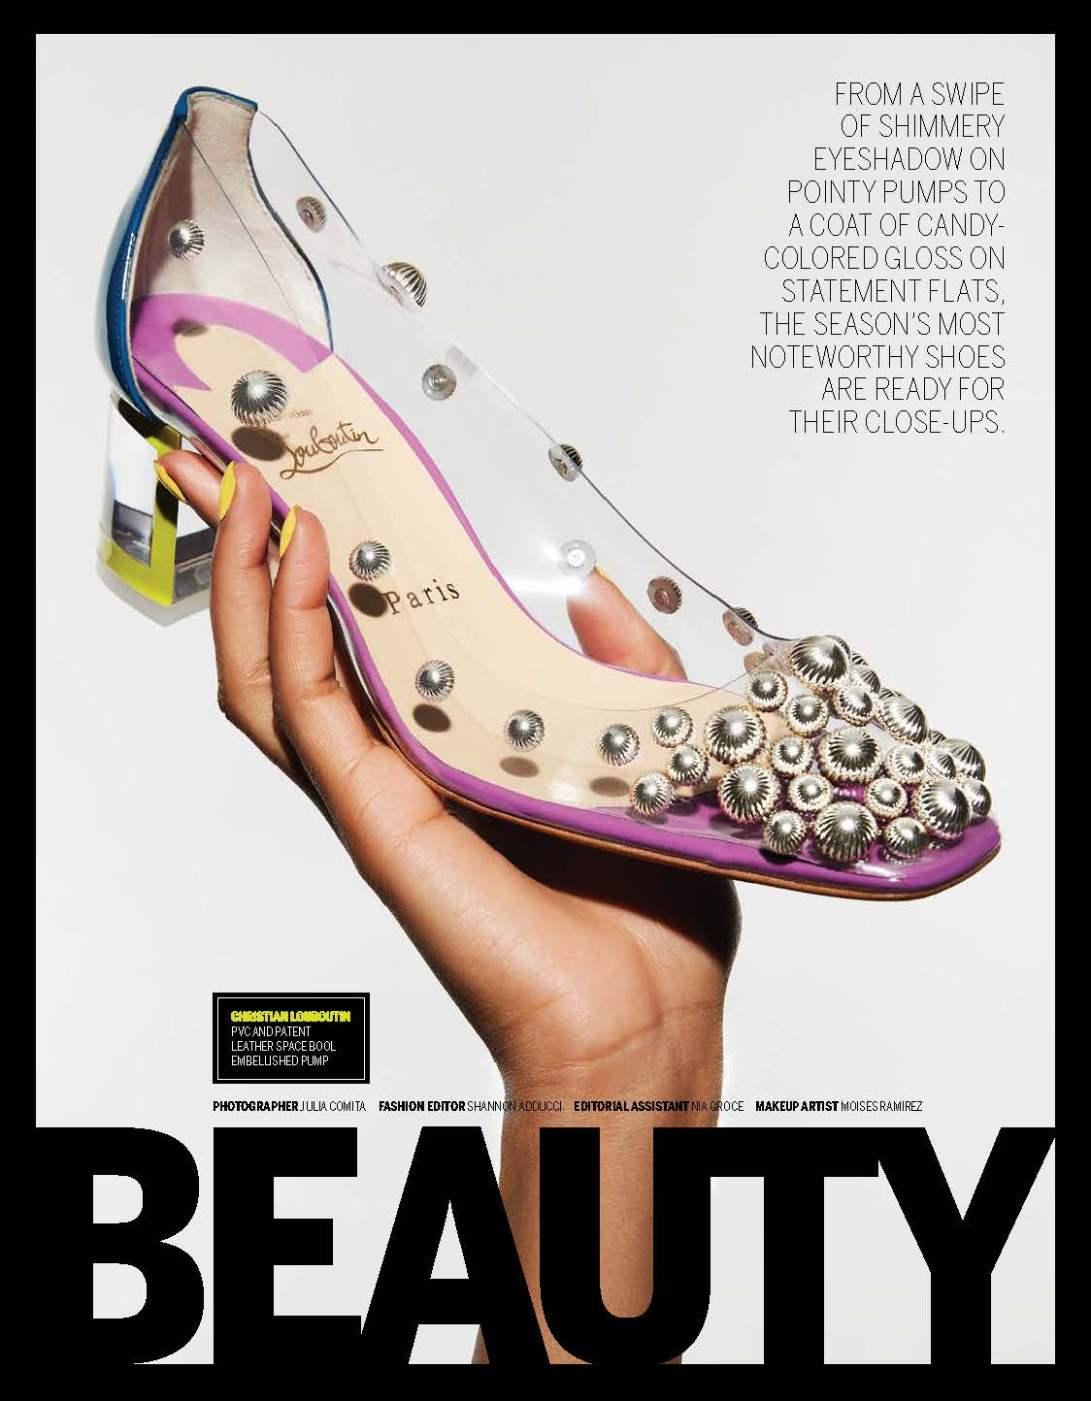 footwear news, beauty shoes